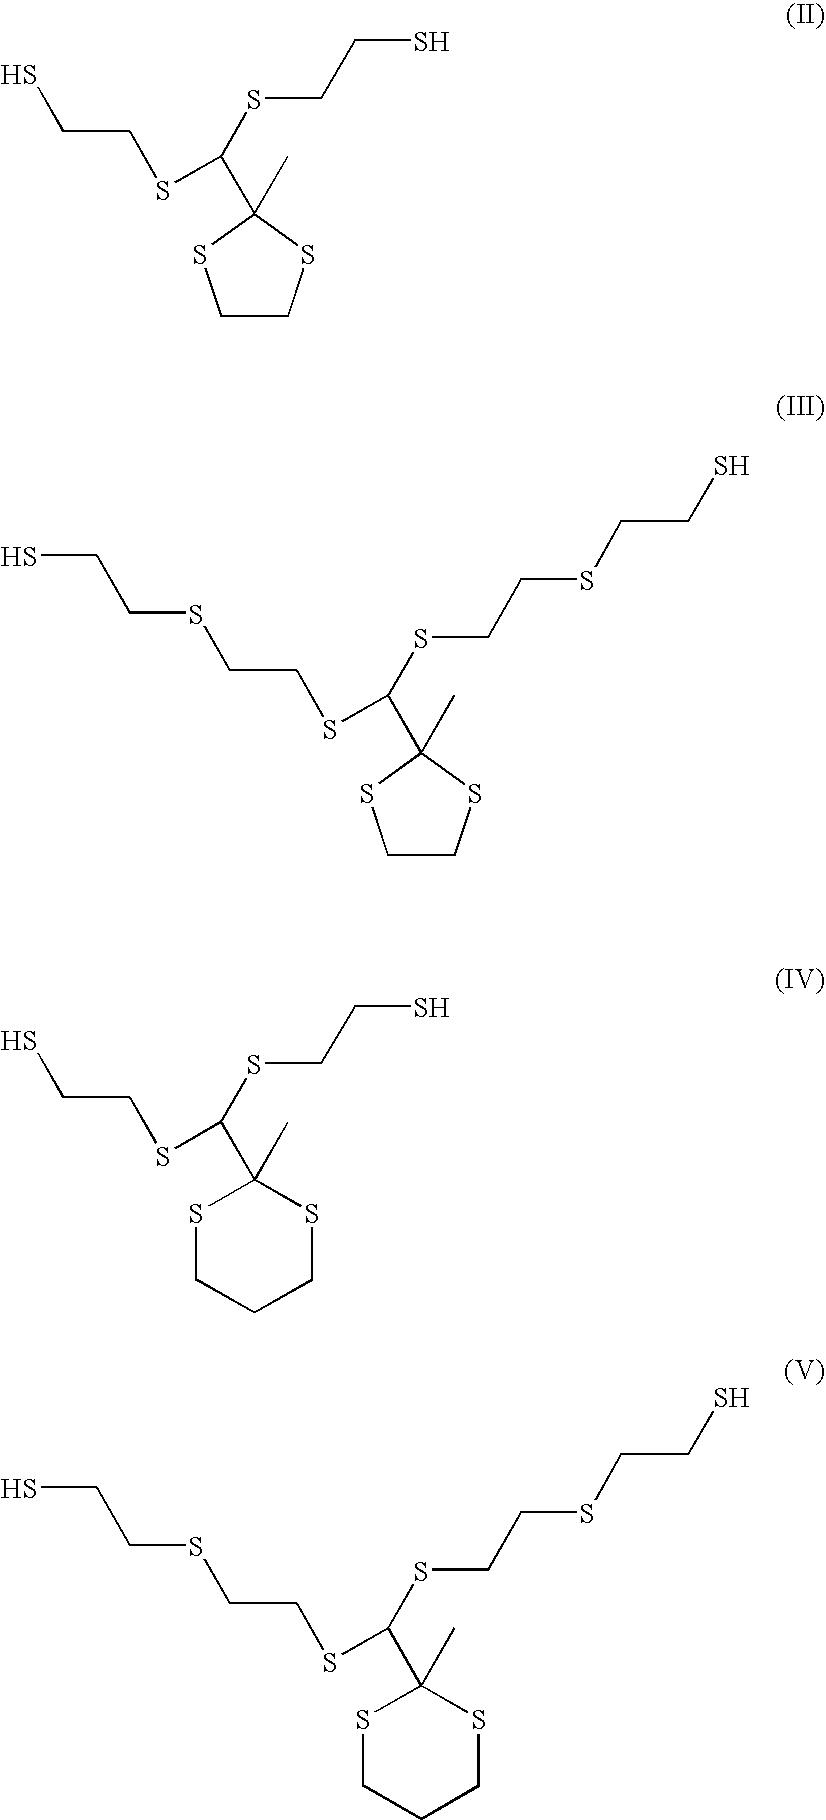 Figure US20080125570A1-20080529-C00002